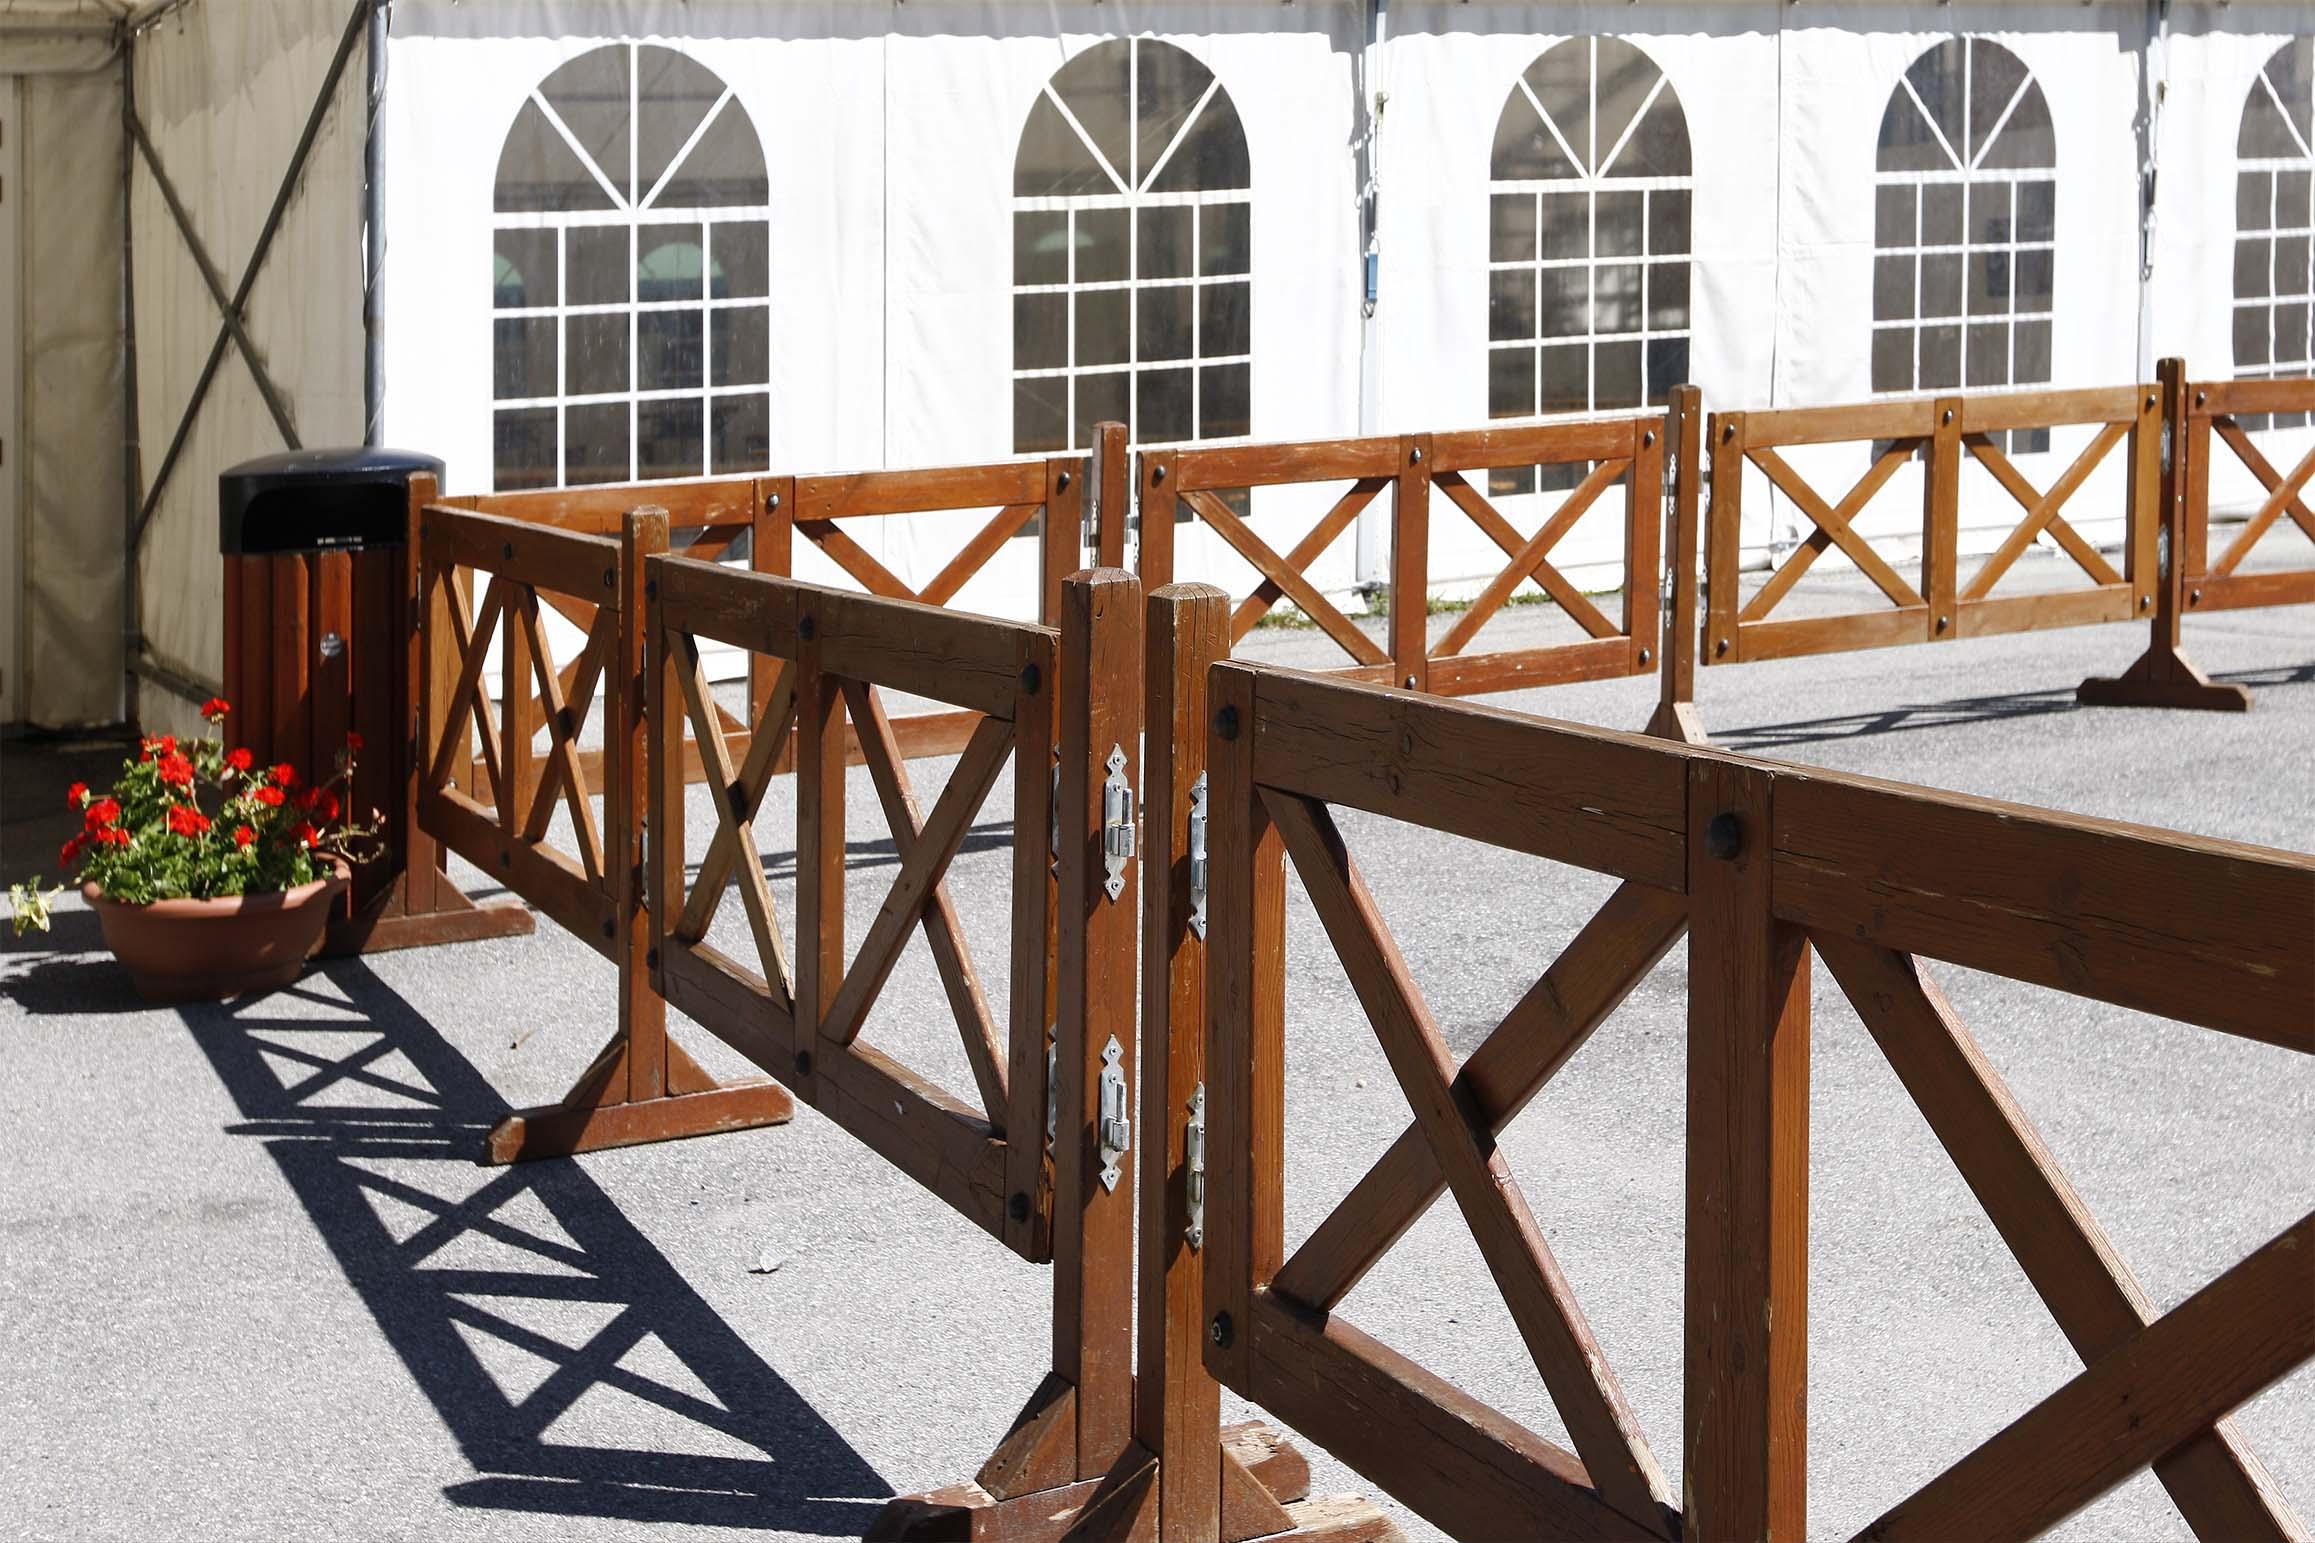 Transenna in legno di pino impregnato realizzato da Linea Montanalegno - ILT